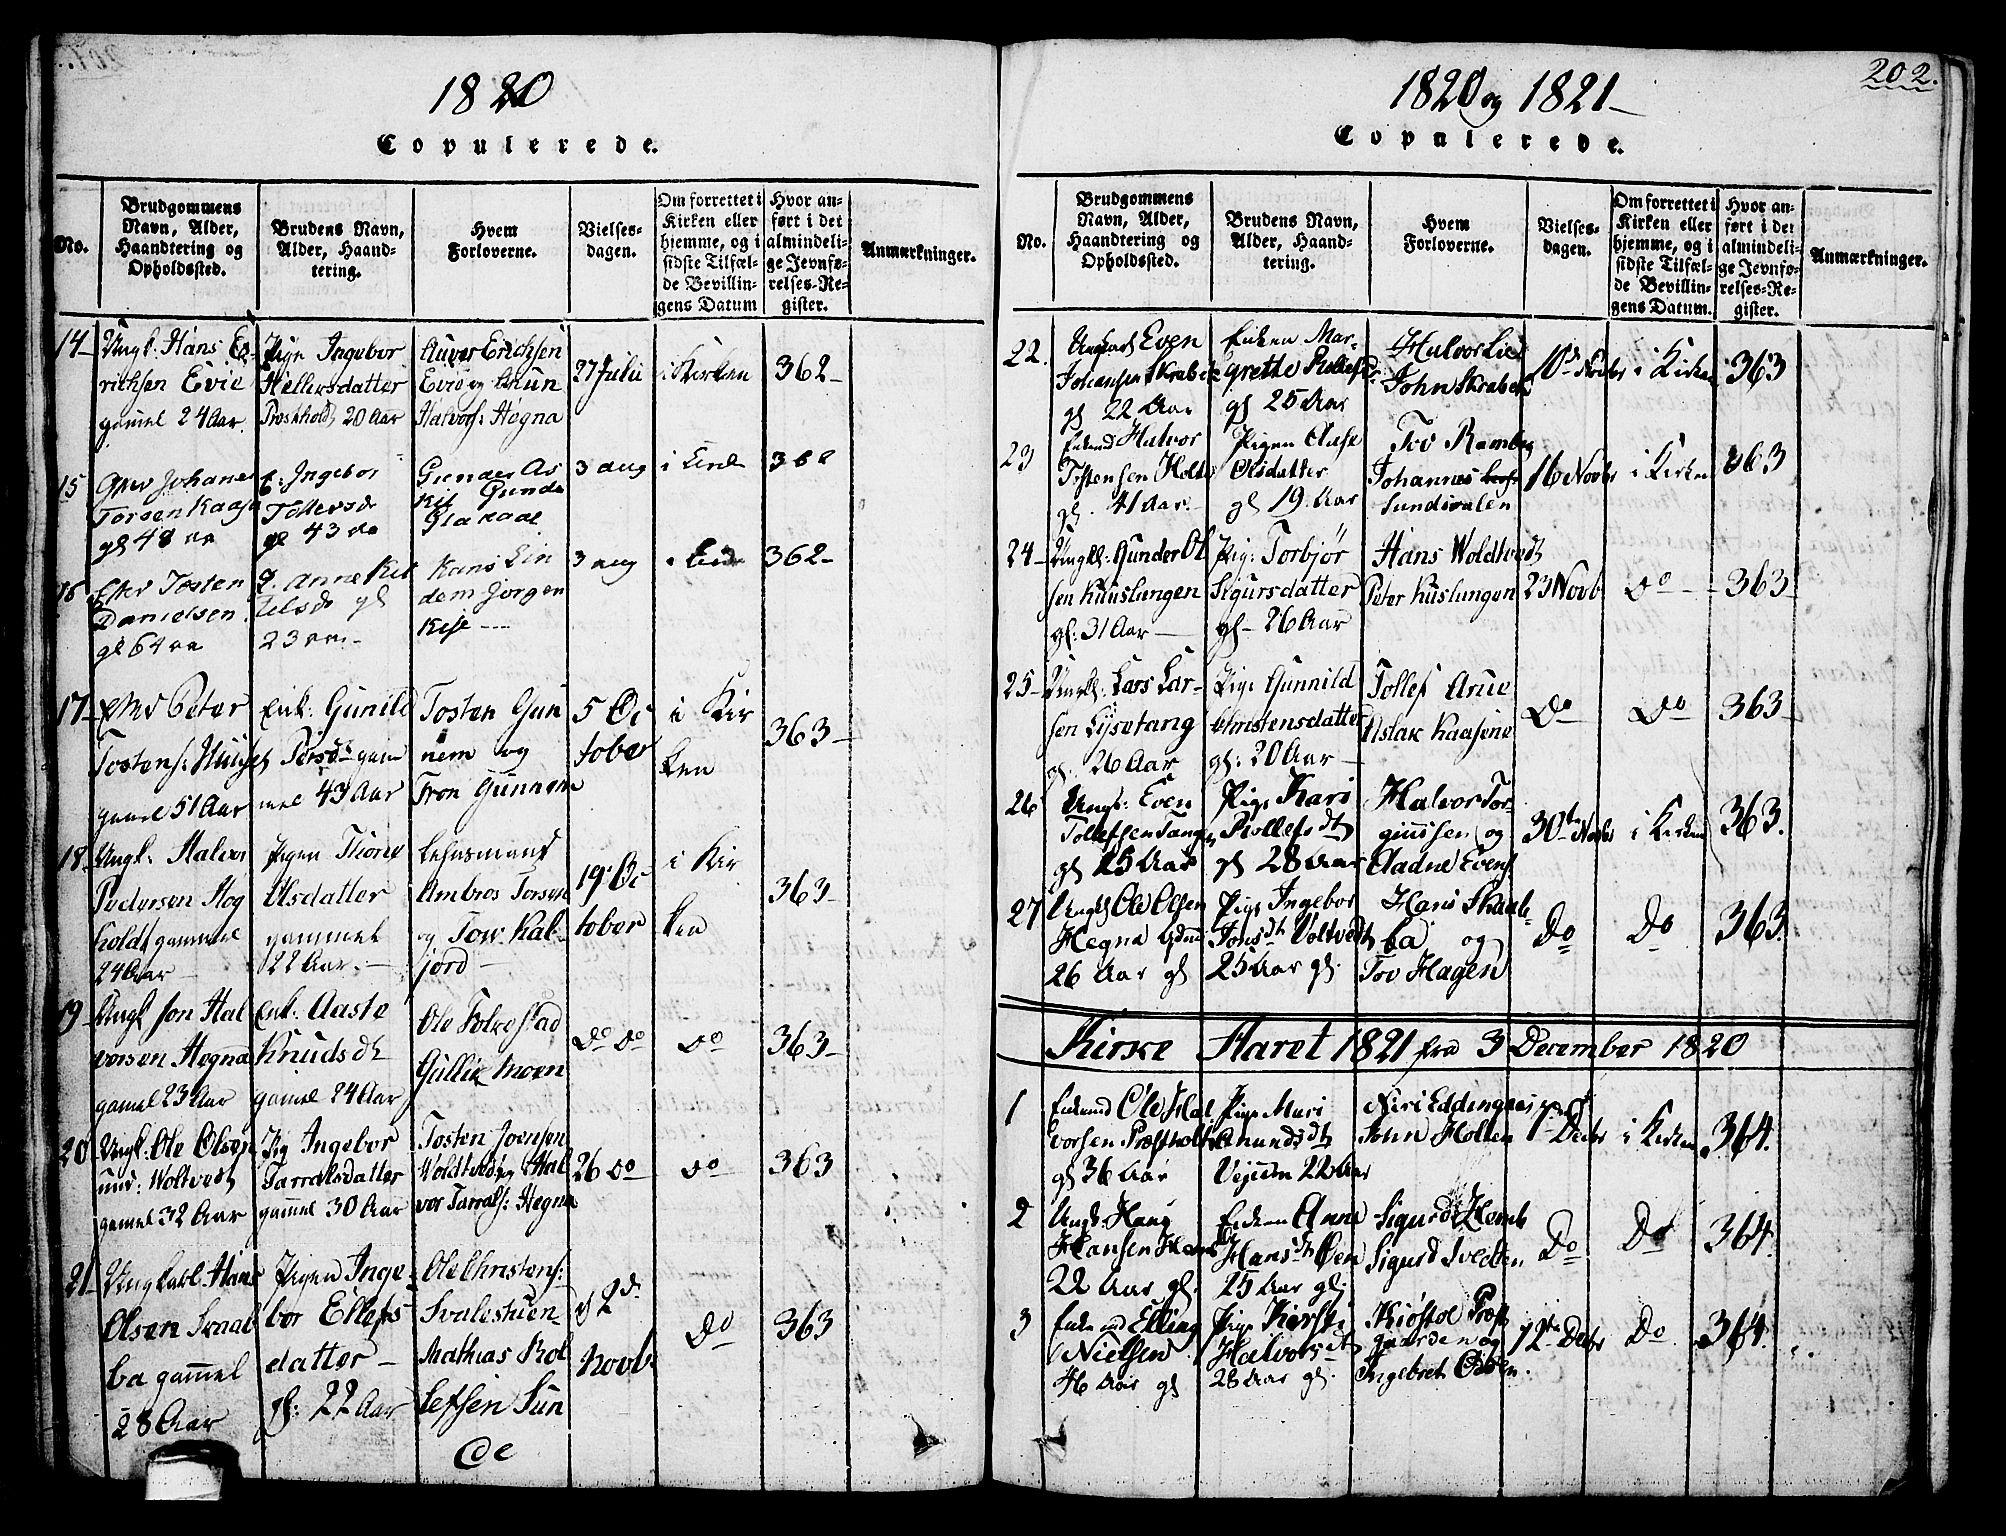 SAKO, Sauherad kirkebøker, G/Ga/L0001: Klokkerbok nr. I 1, 1815-1827, s. 202